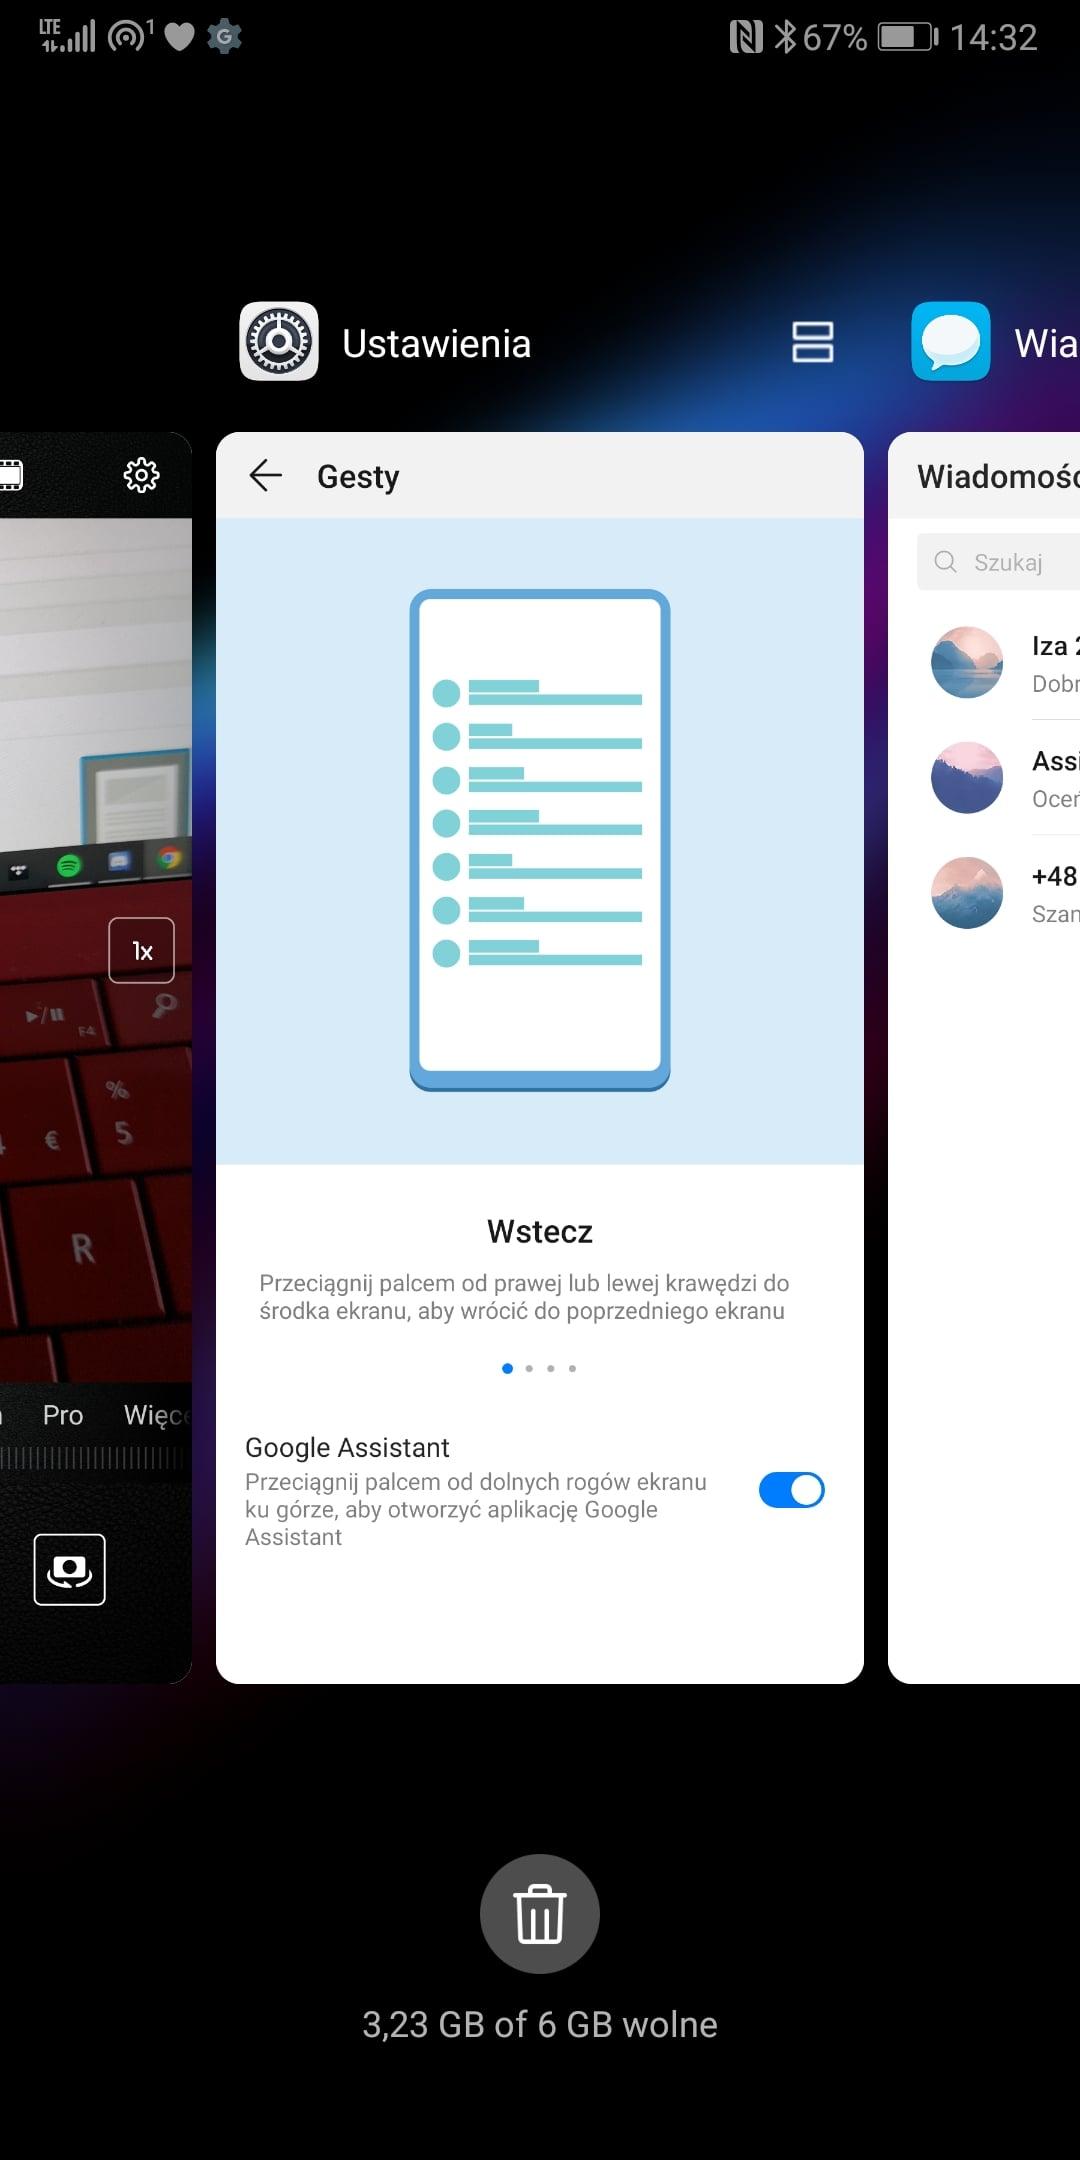 Android 9 0 Pie trafia na Huawei Mate 10 Pro, a wraz z nim